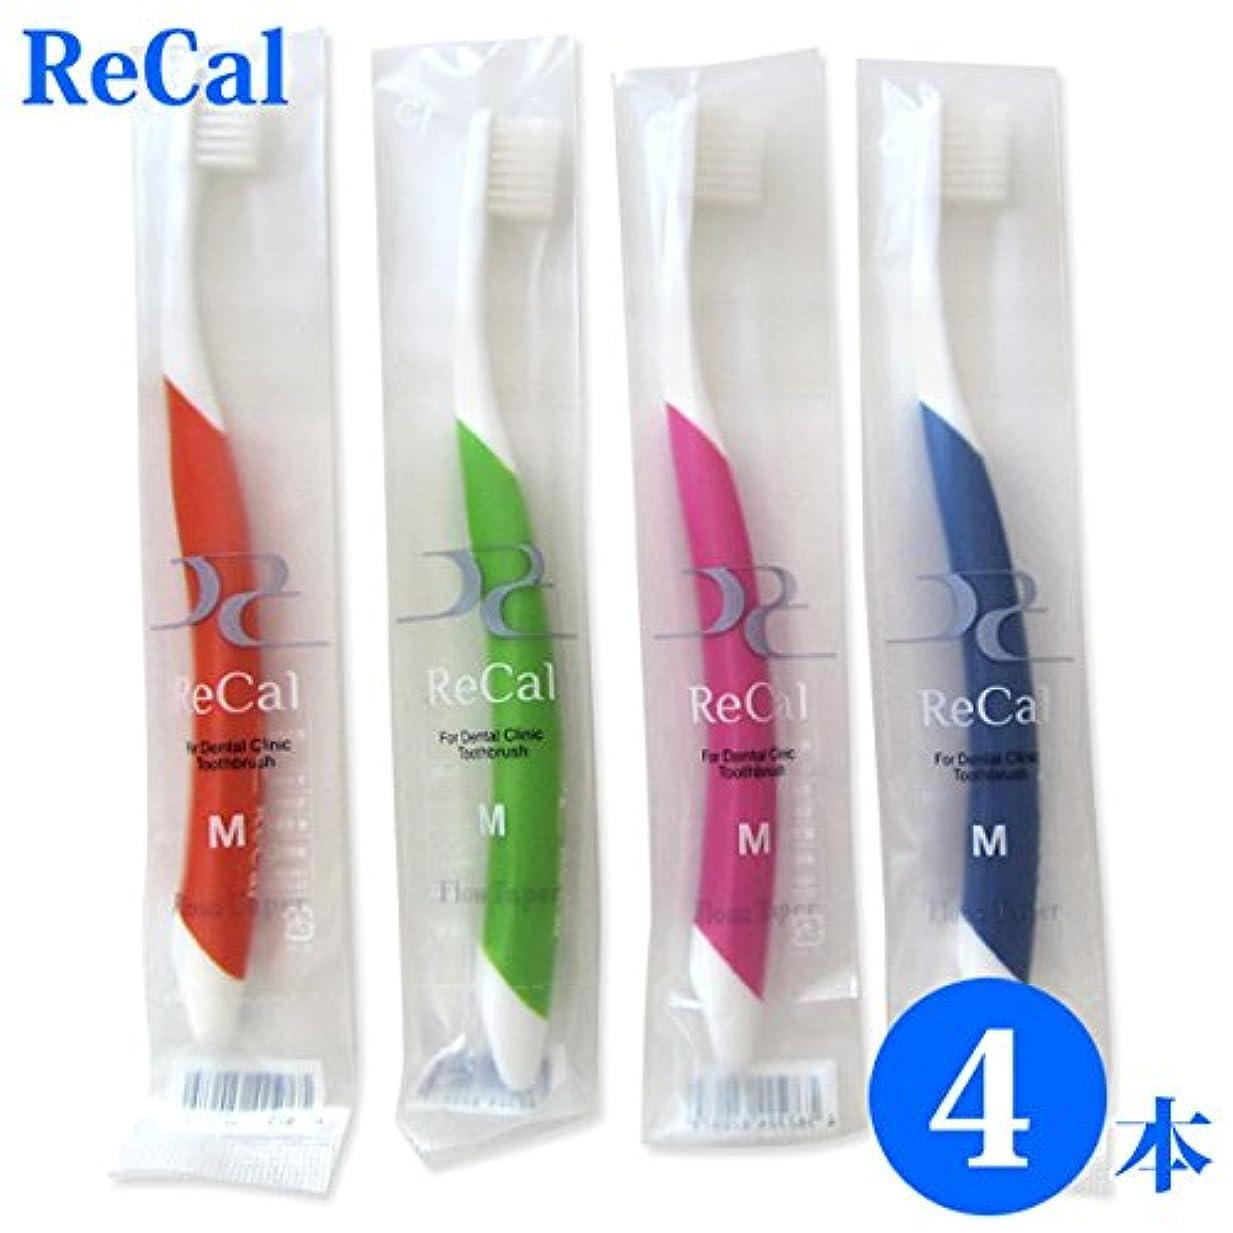 バンジージャンプサイトラインオーバーフローリカル 4色セット 歯科医院専用商品 ReCal リカル M 大人用 一般 歯ブラシ4本 場合20本ま